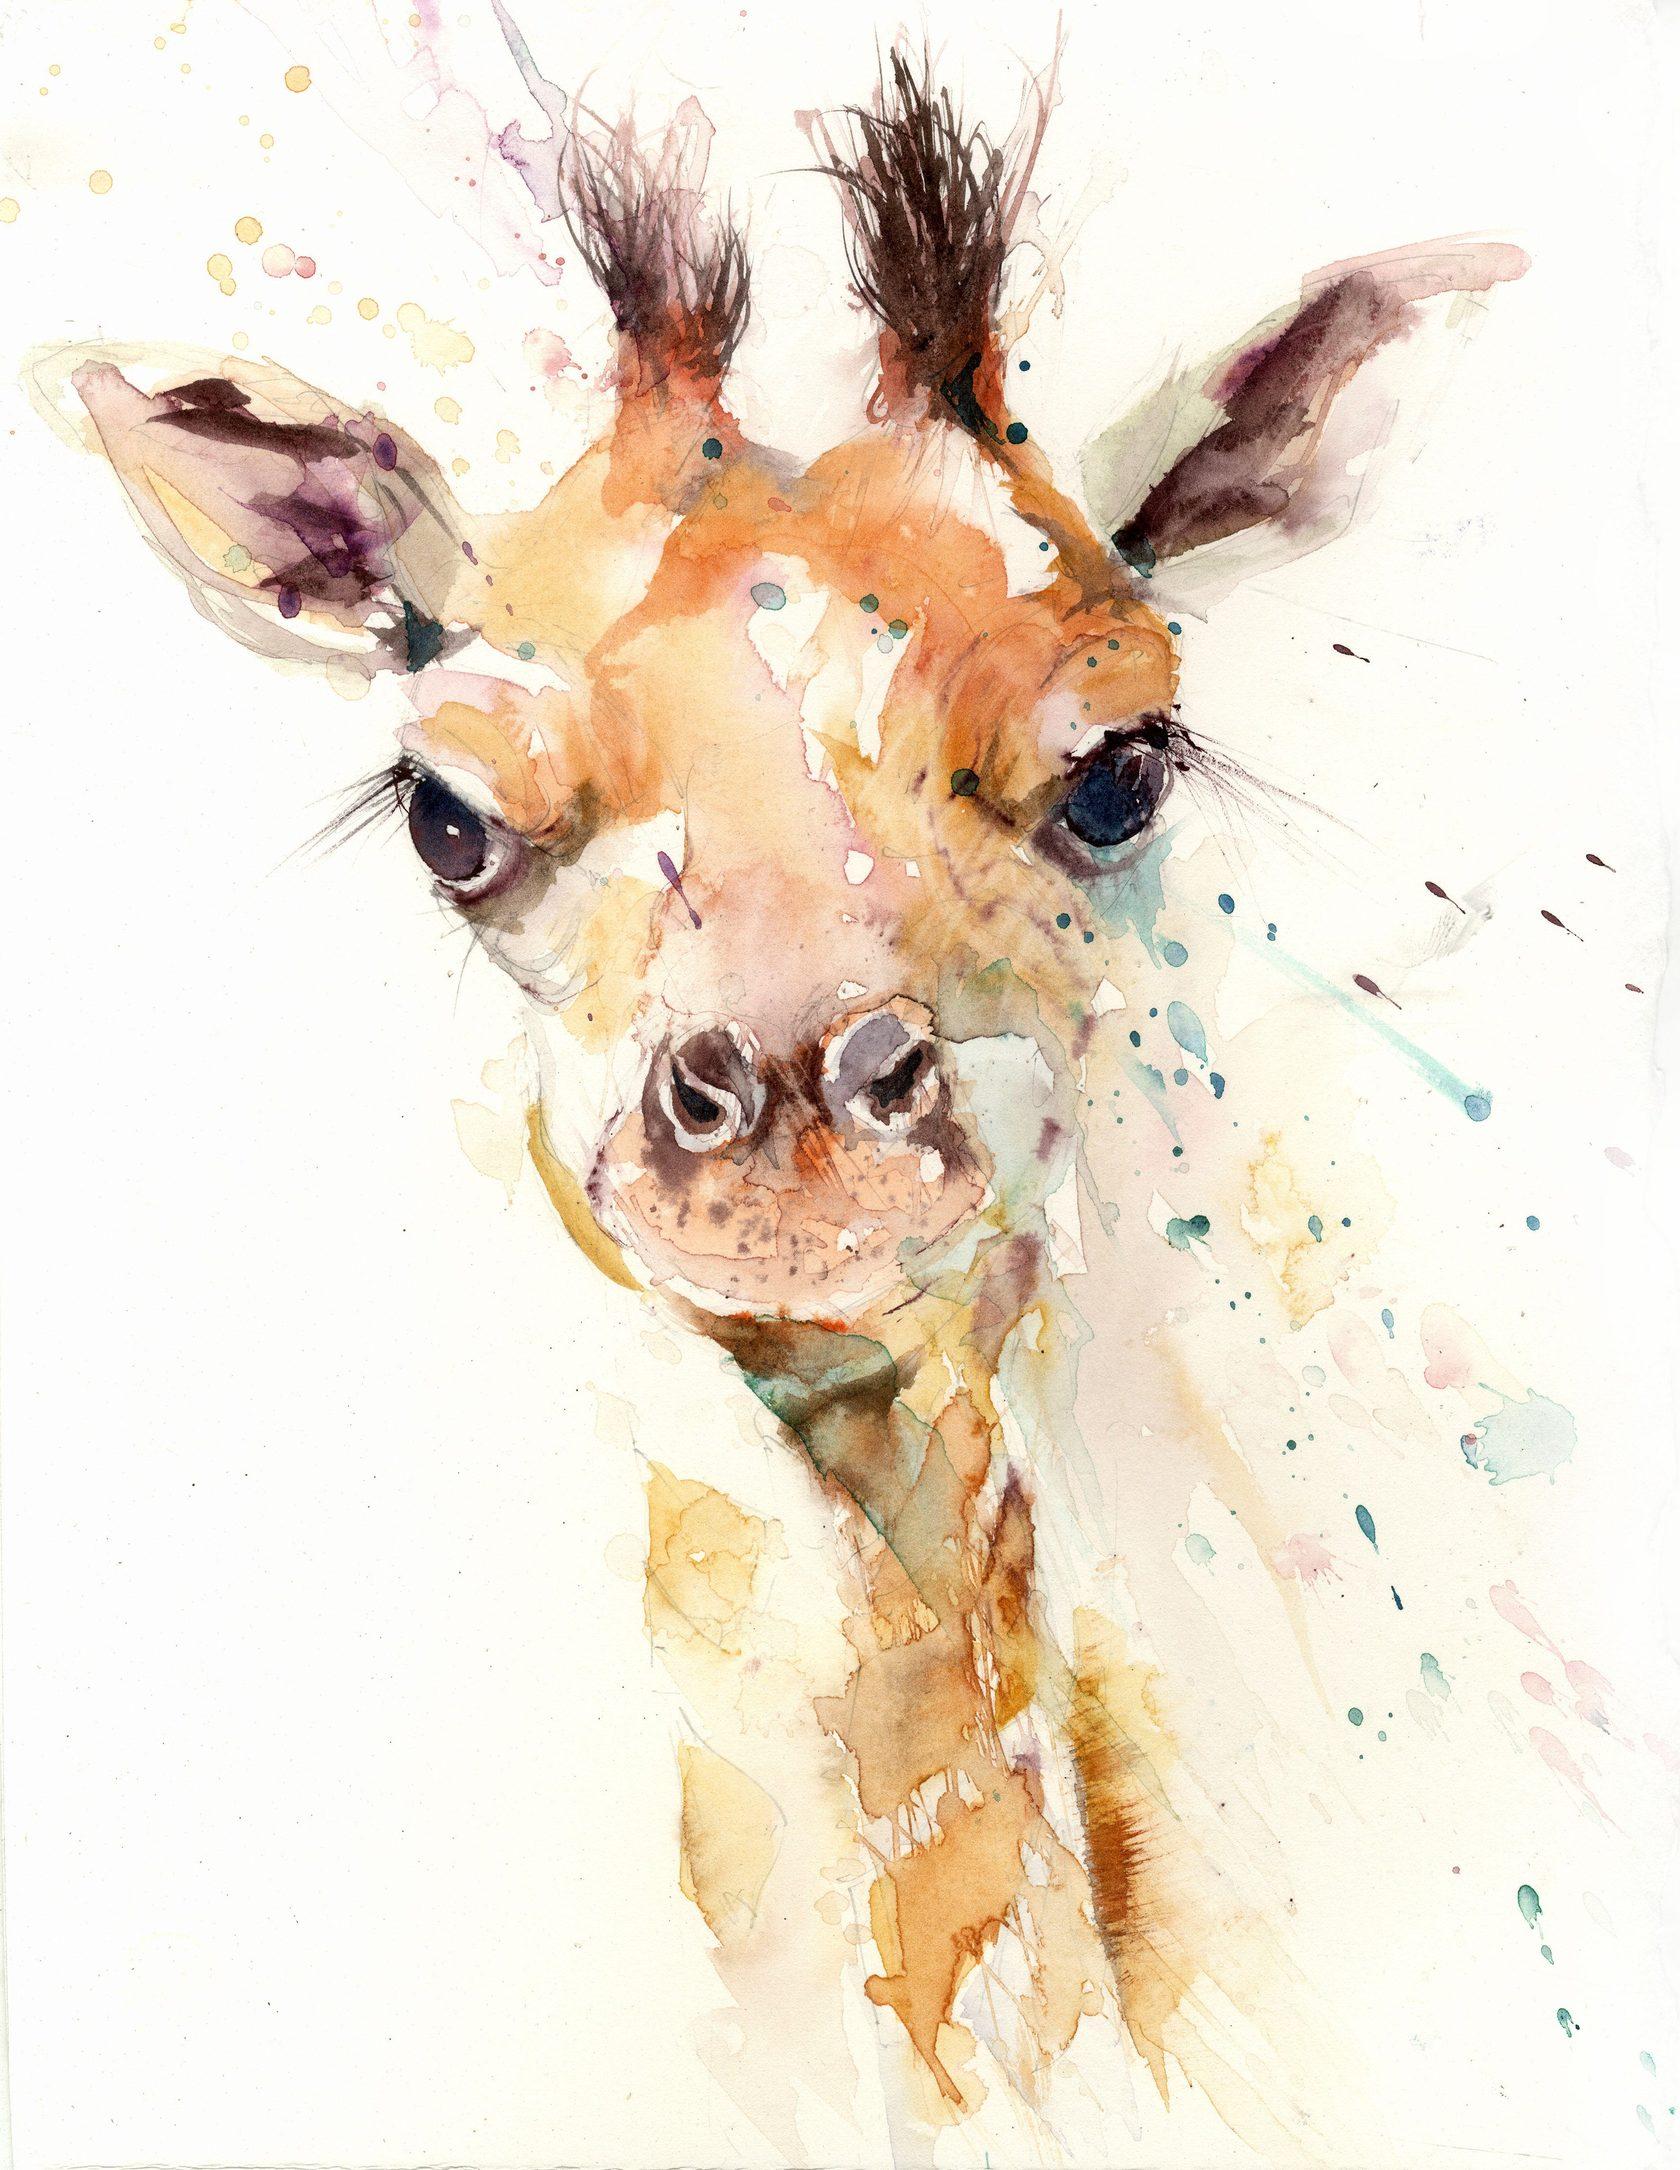 Рисунки животных акварелью прикольные, маму